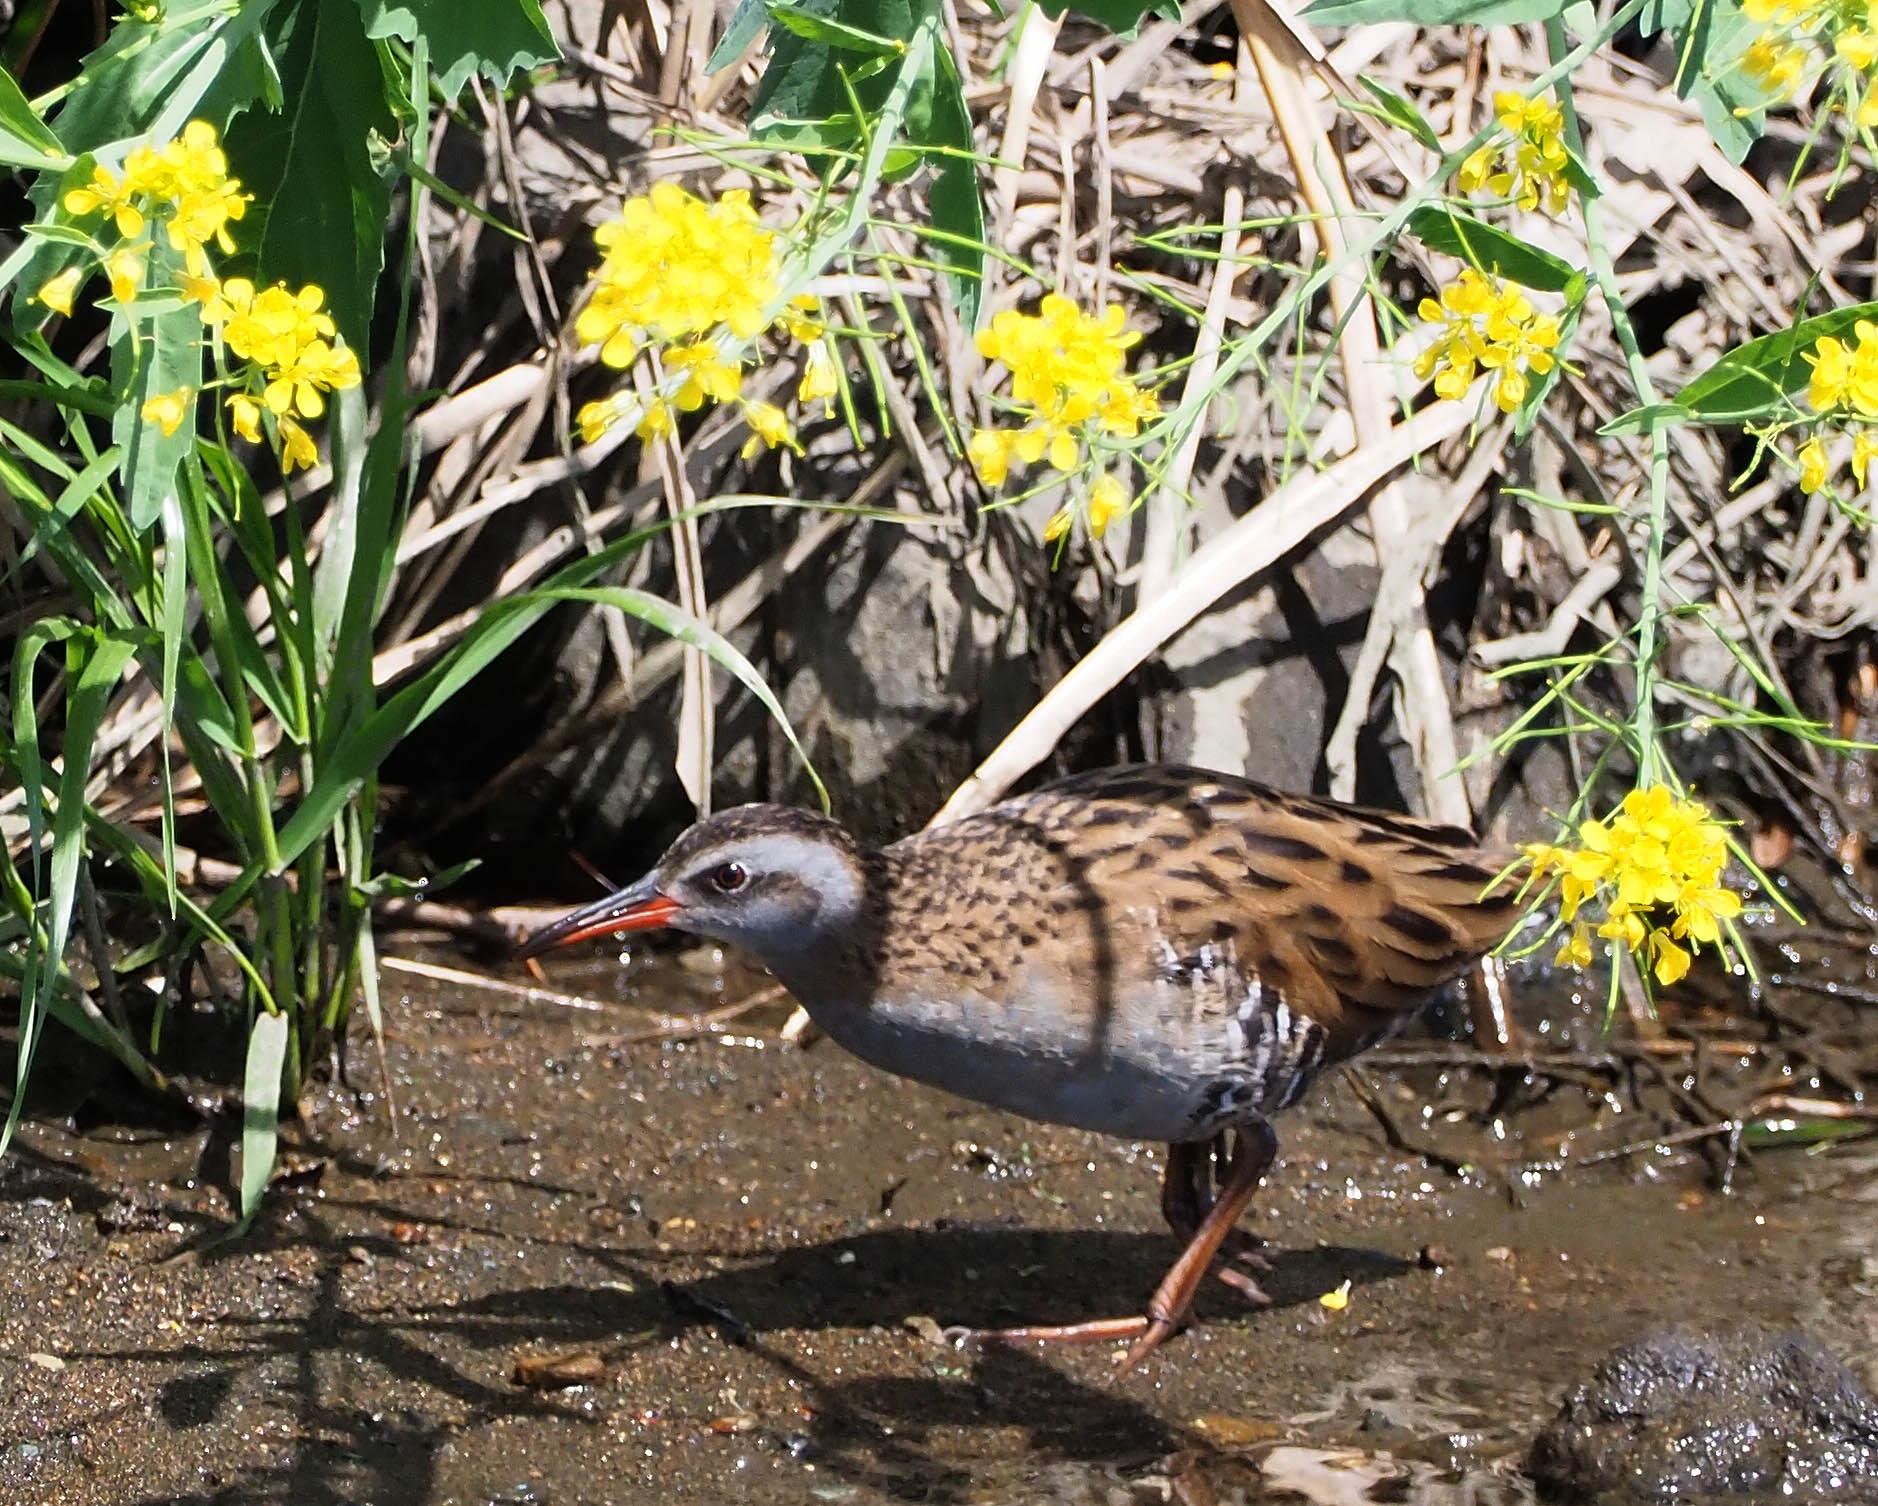 4月28日(日) カワセミのヒナが孵ったようで、10分おきくらいて゛鮎を運んでいました。_b0369117_15395907.jpg